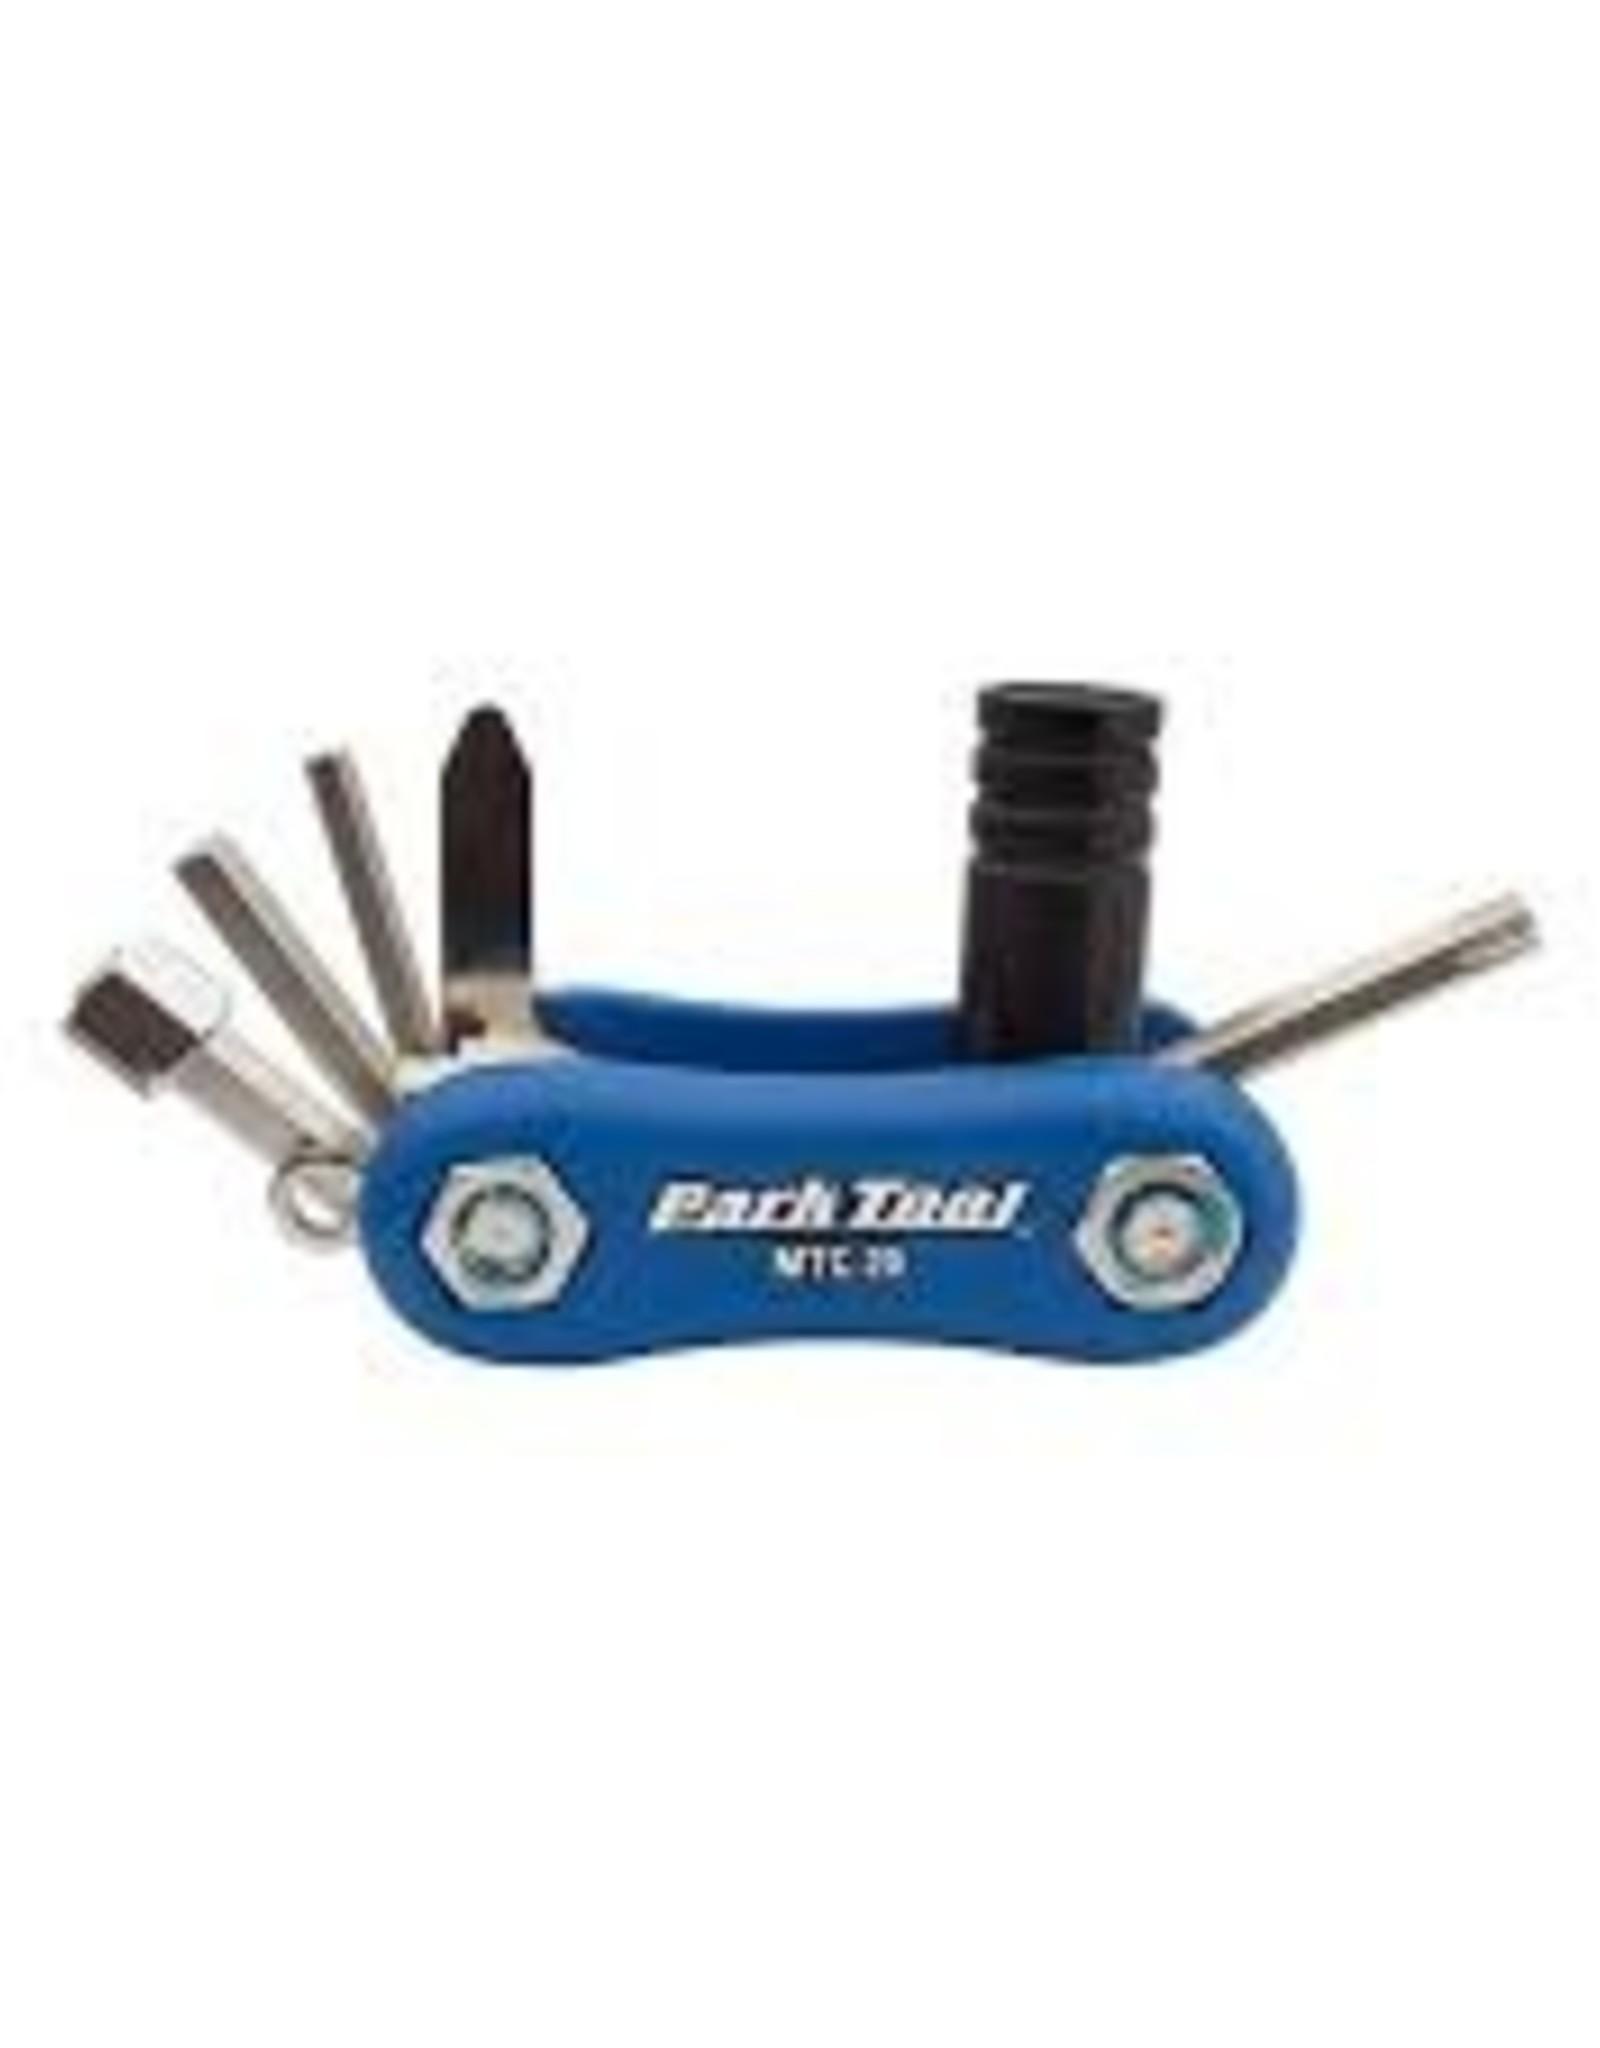 Park Tool  MTC-20 Composite Multi-Function Tool